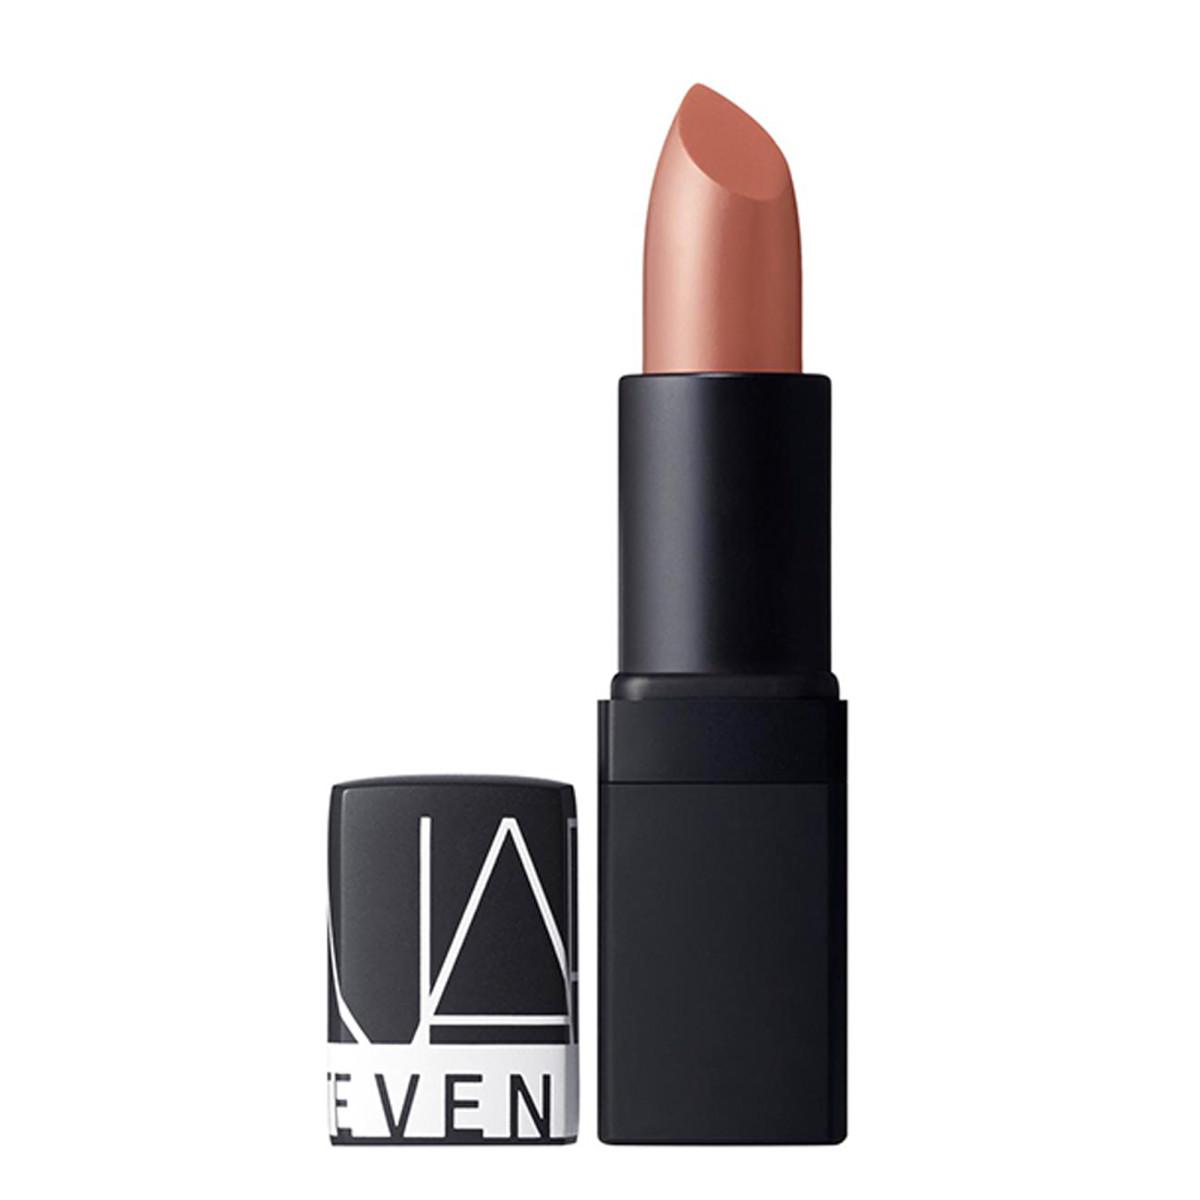 NARS Steven Klein Collaboration Killer Shine Lipstick in Besame Mucho